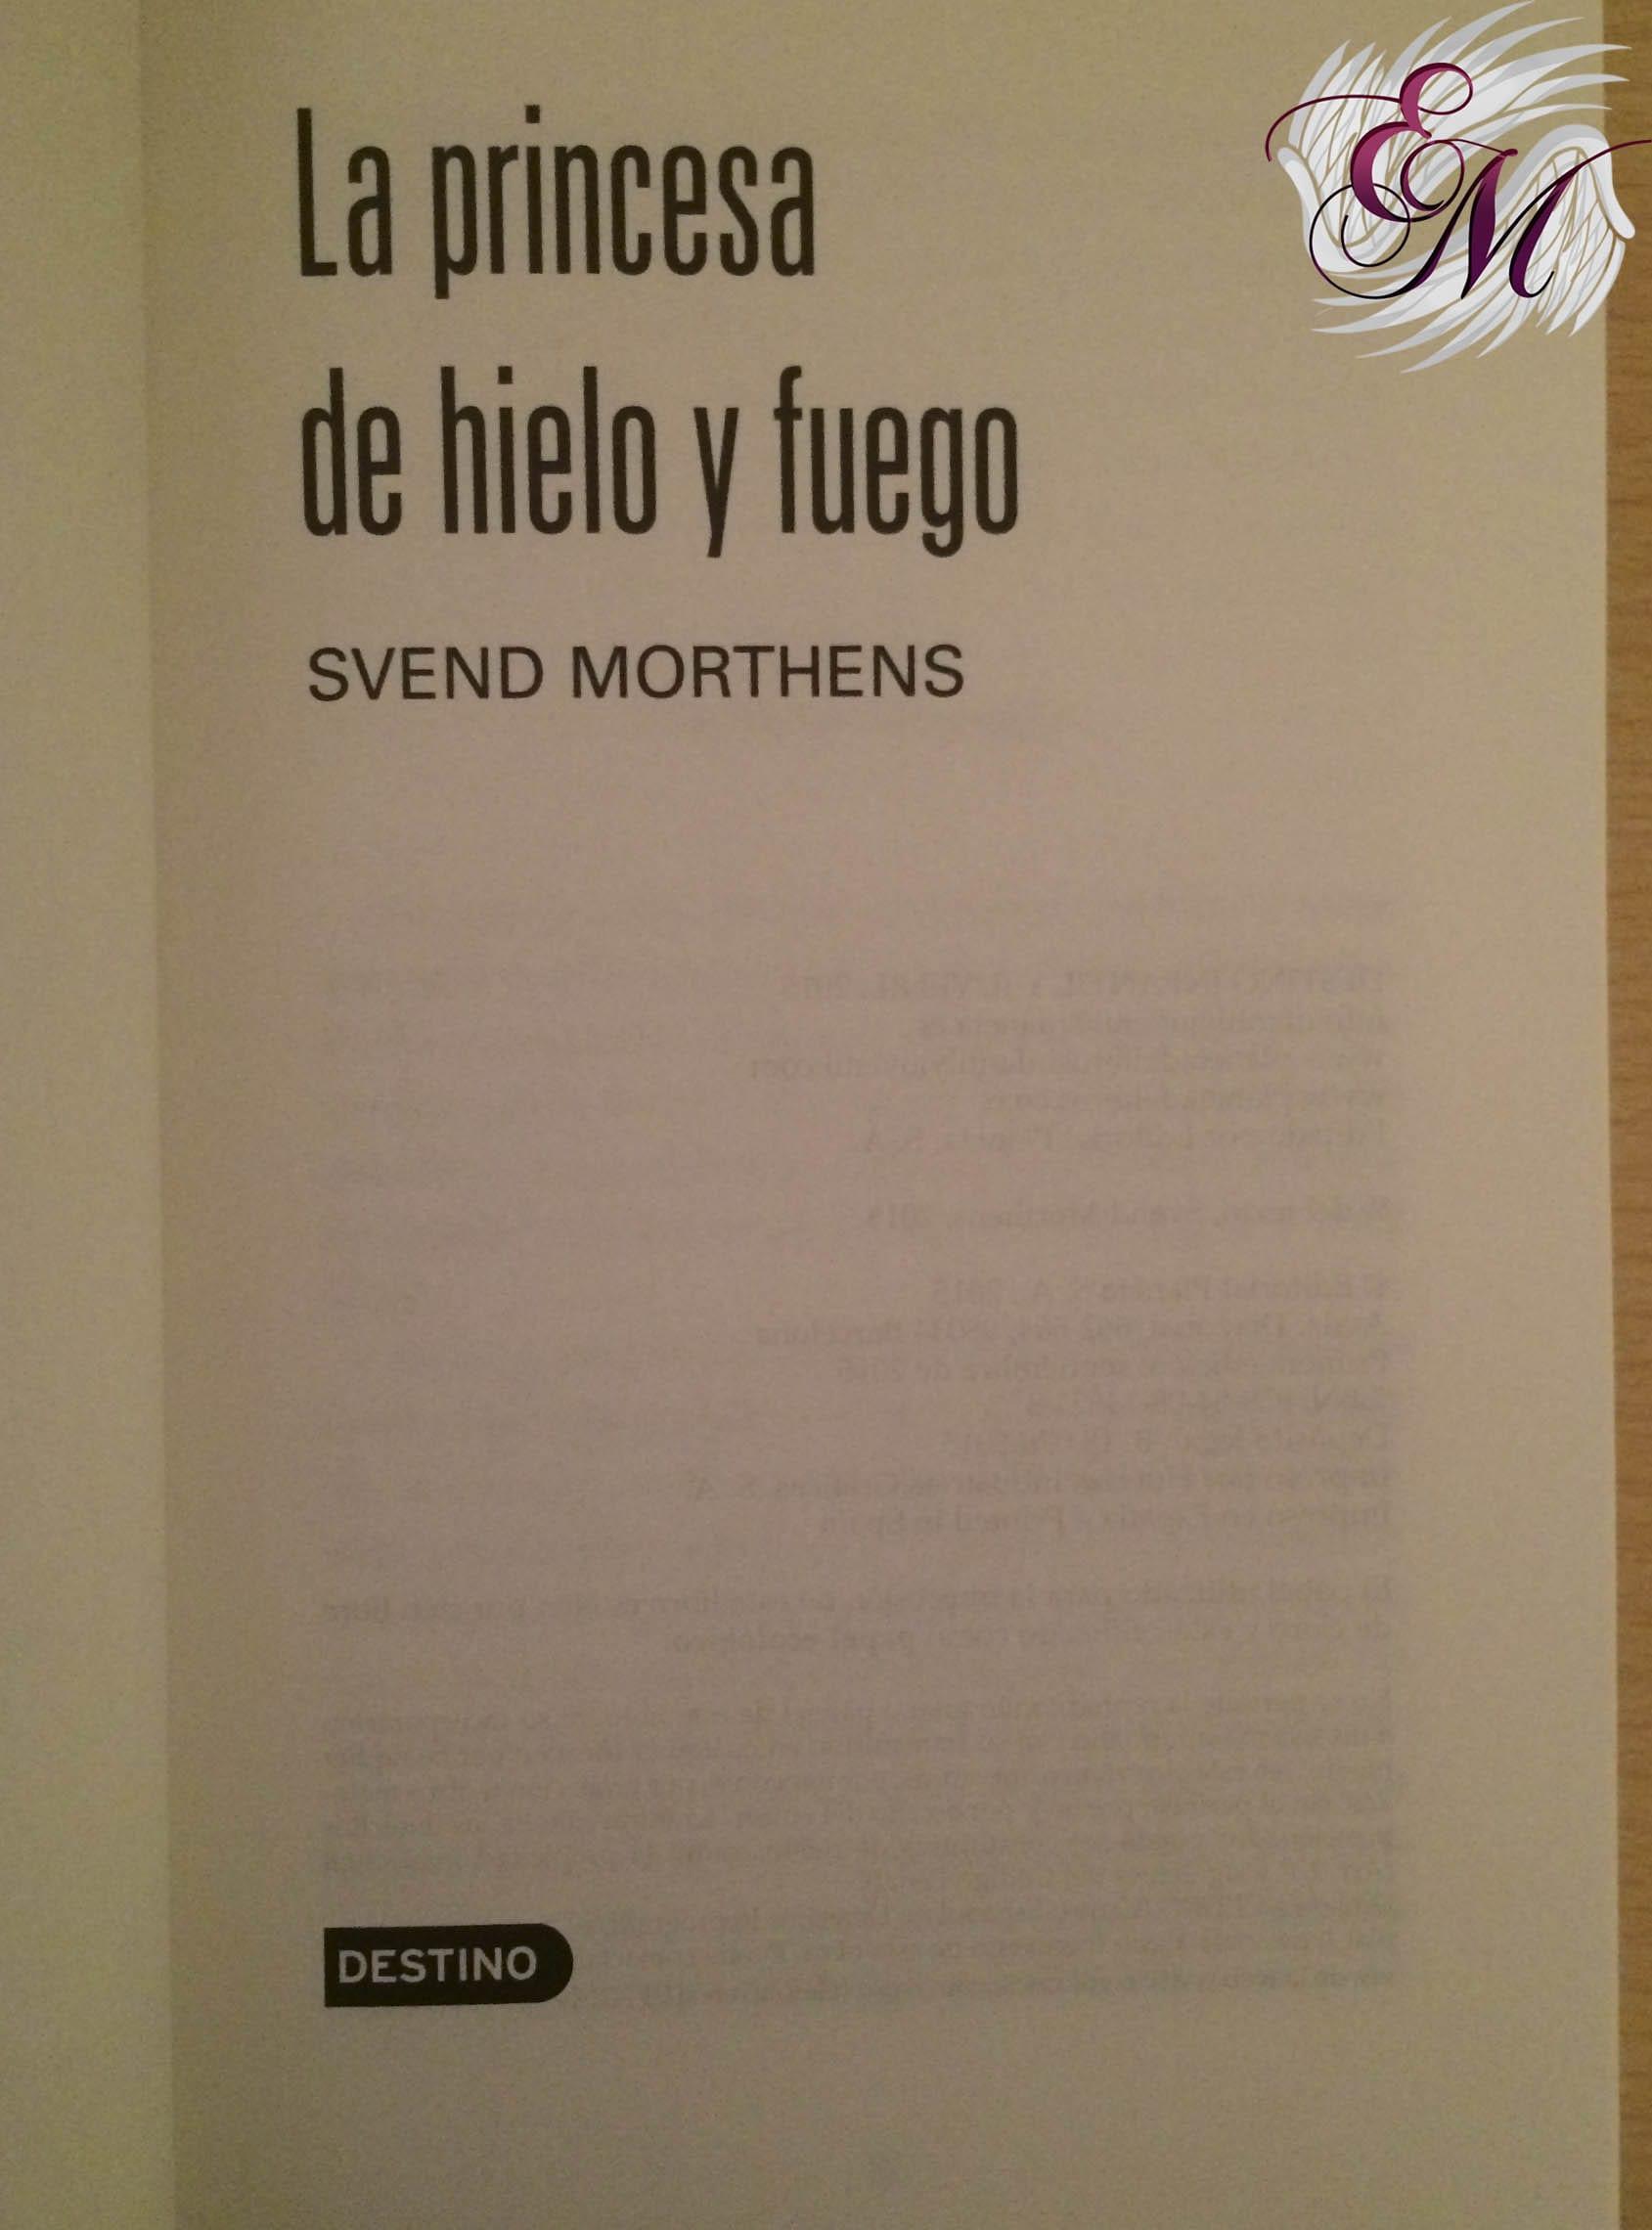 La princesa de hielo y fuego, de Svend Morthens - Reseña